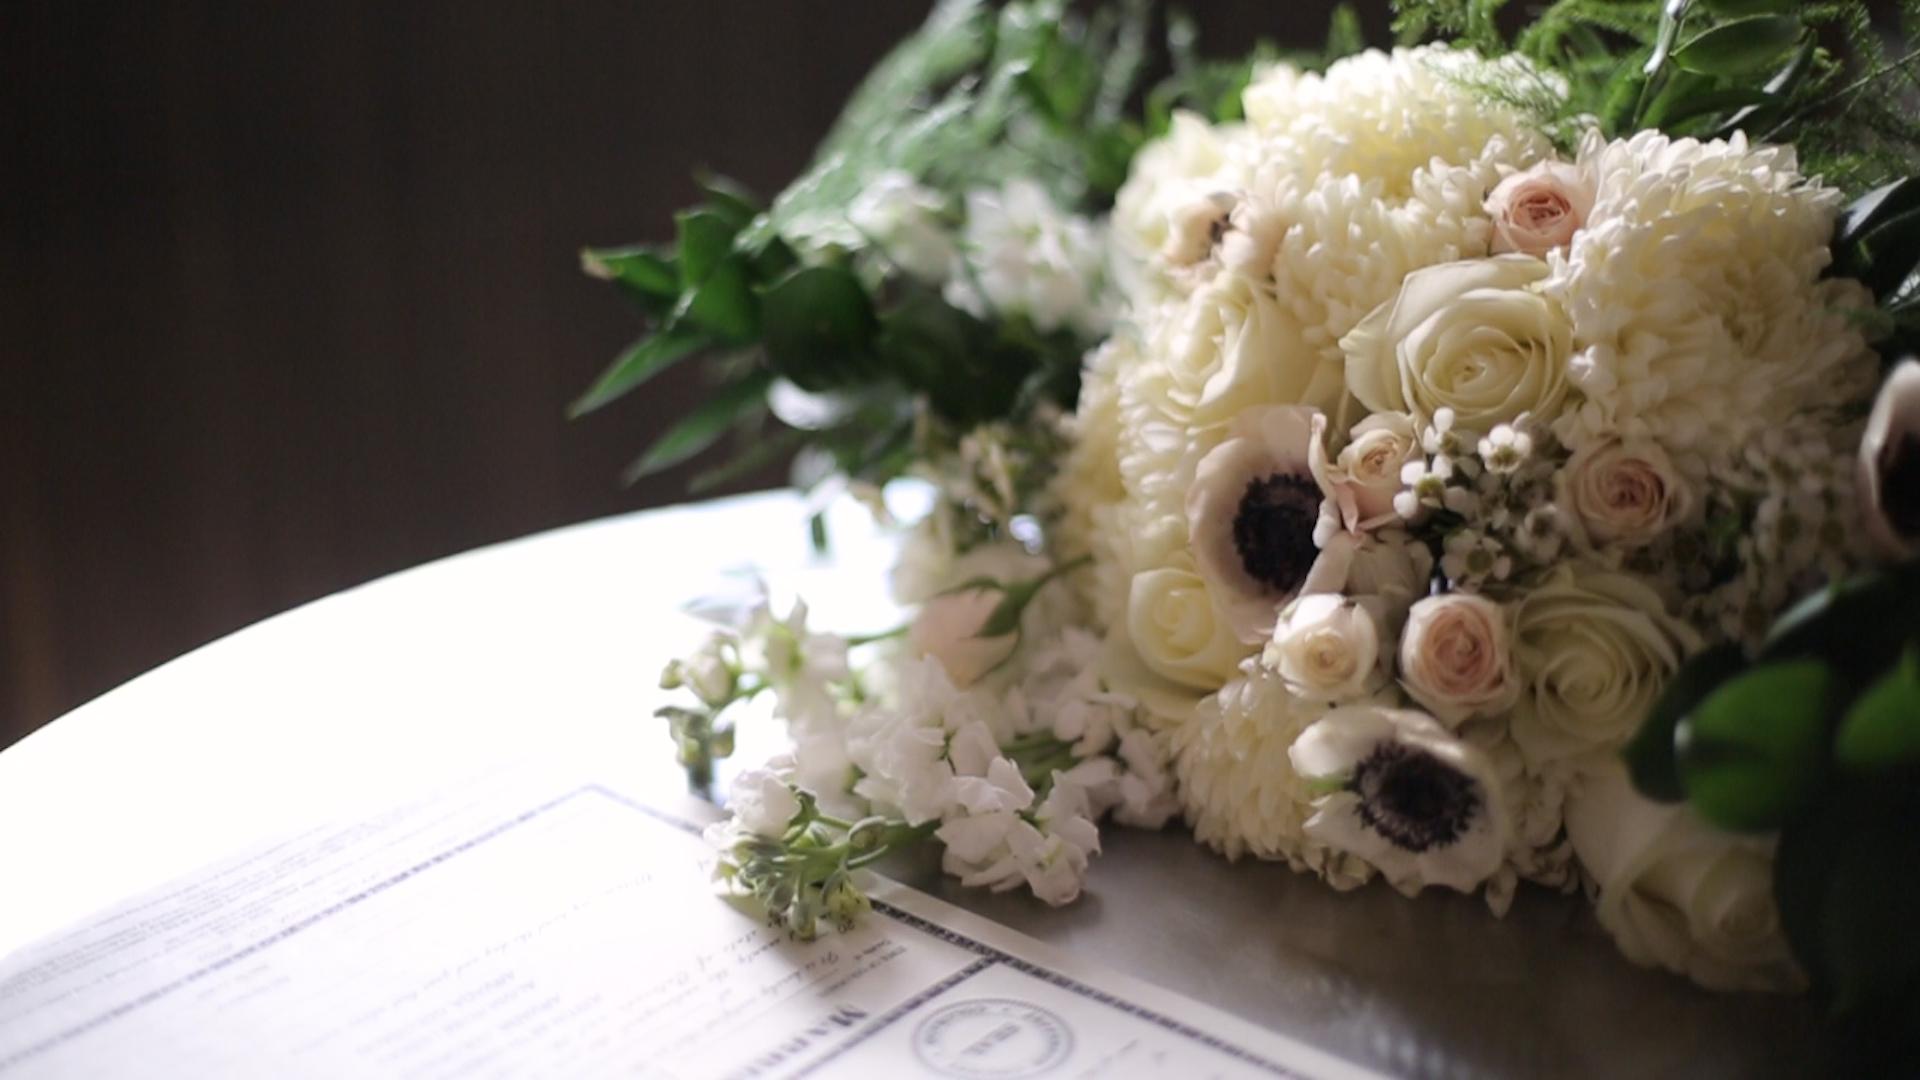 AJ_flowersandlicense.jpg